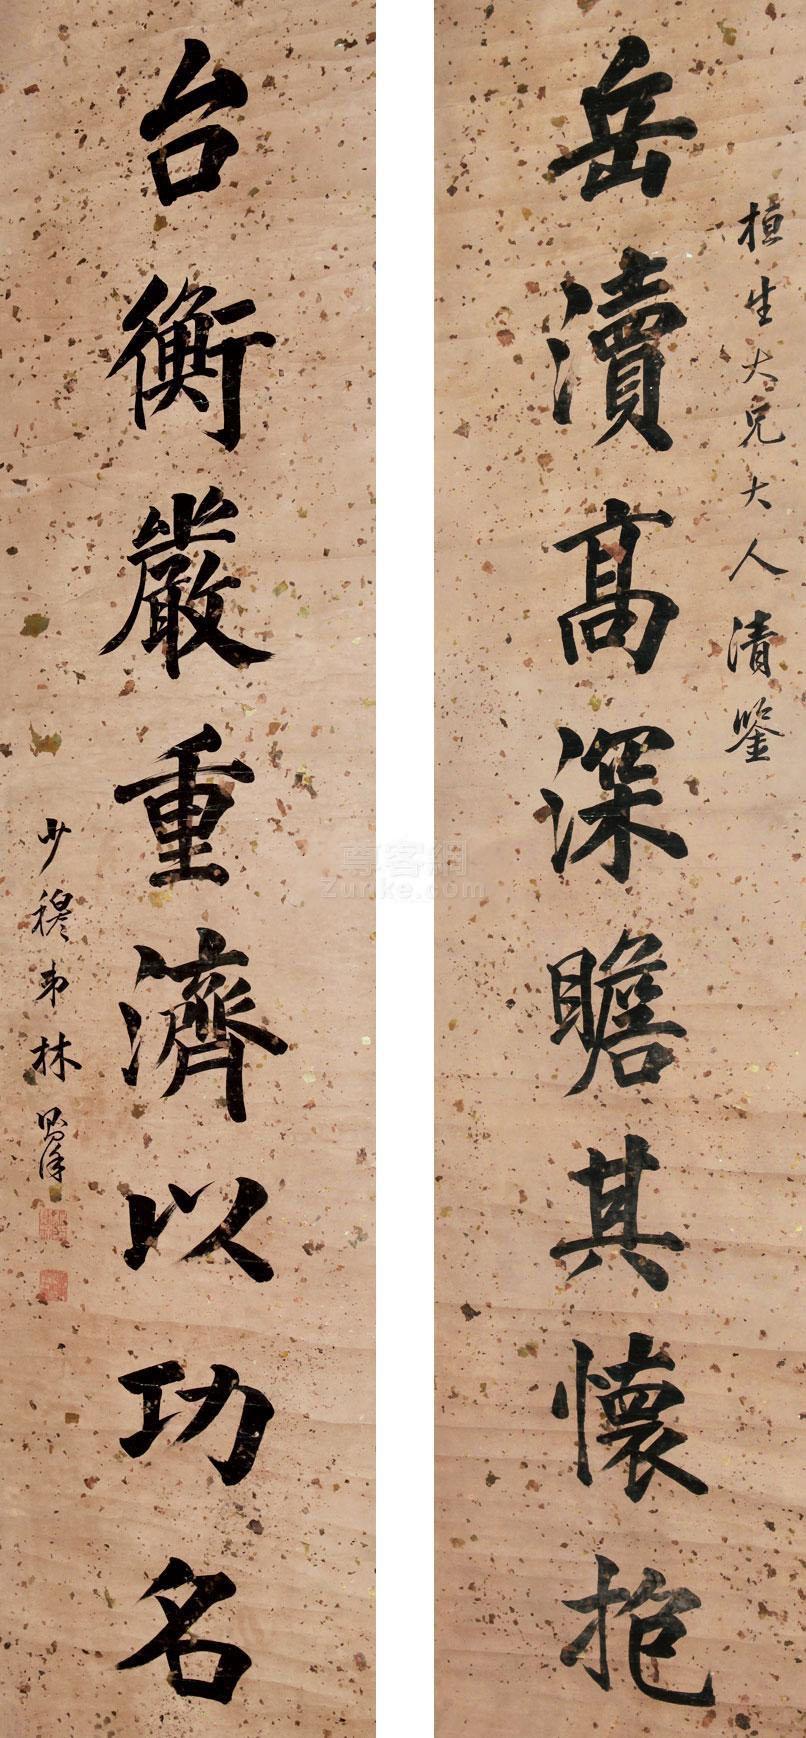 林则徐书法对联(八言联)屏轴蜡笺2012-06-2